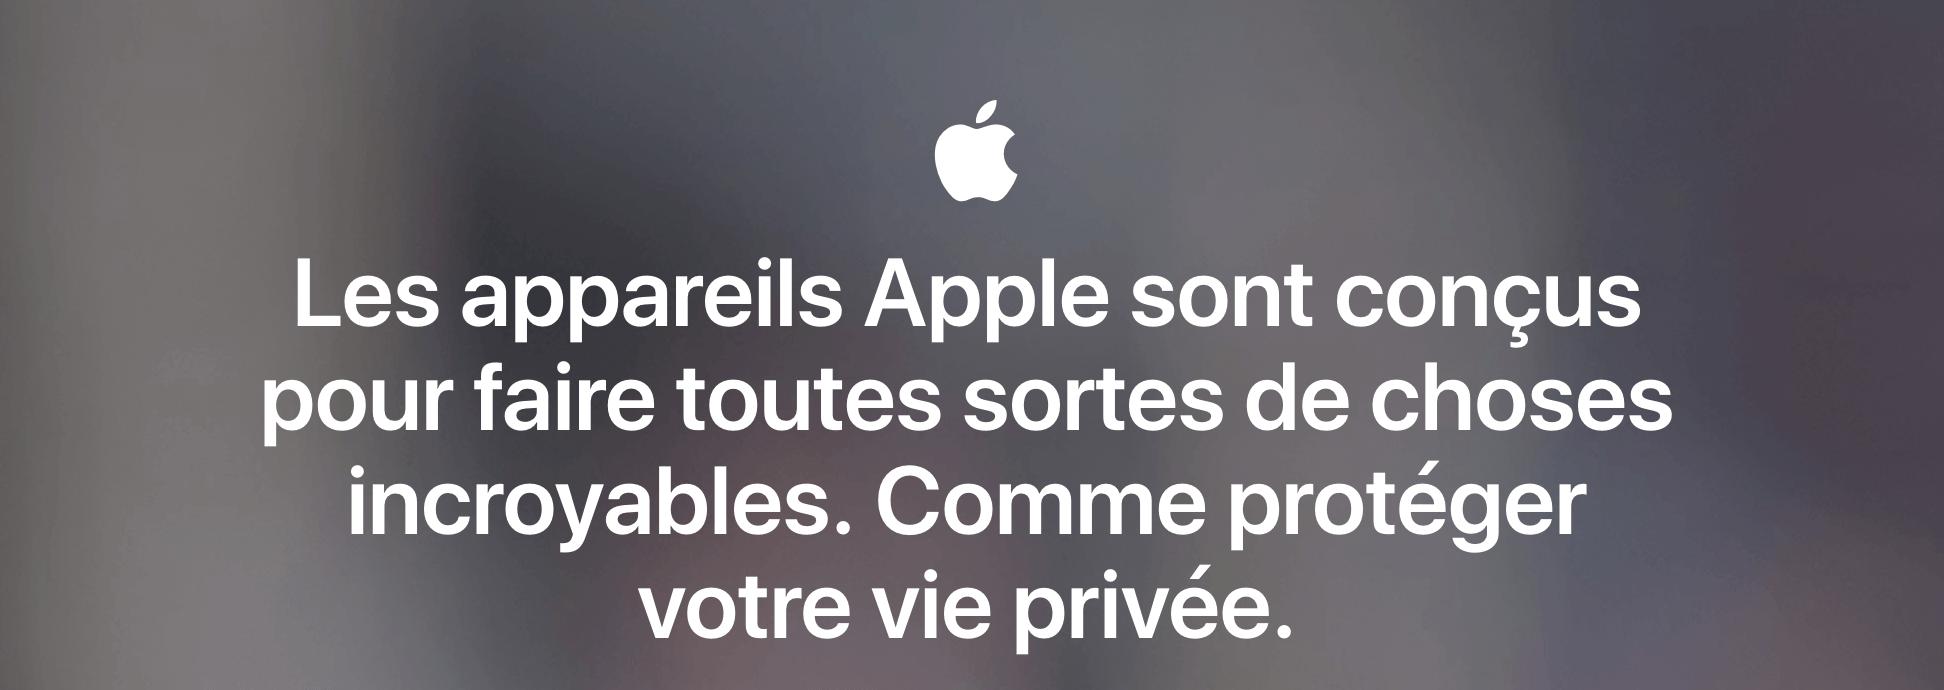 comment apple renforce ses positions sur la vie privée et la